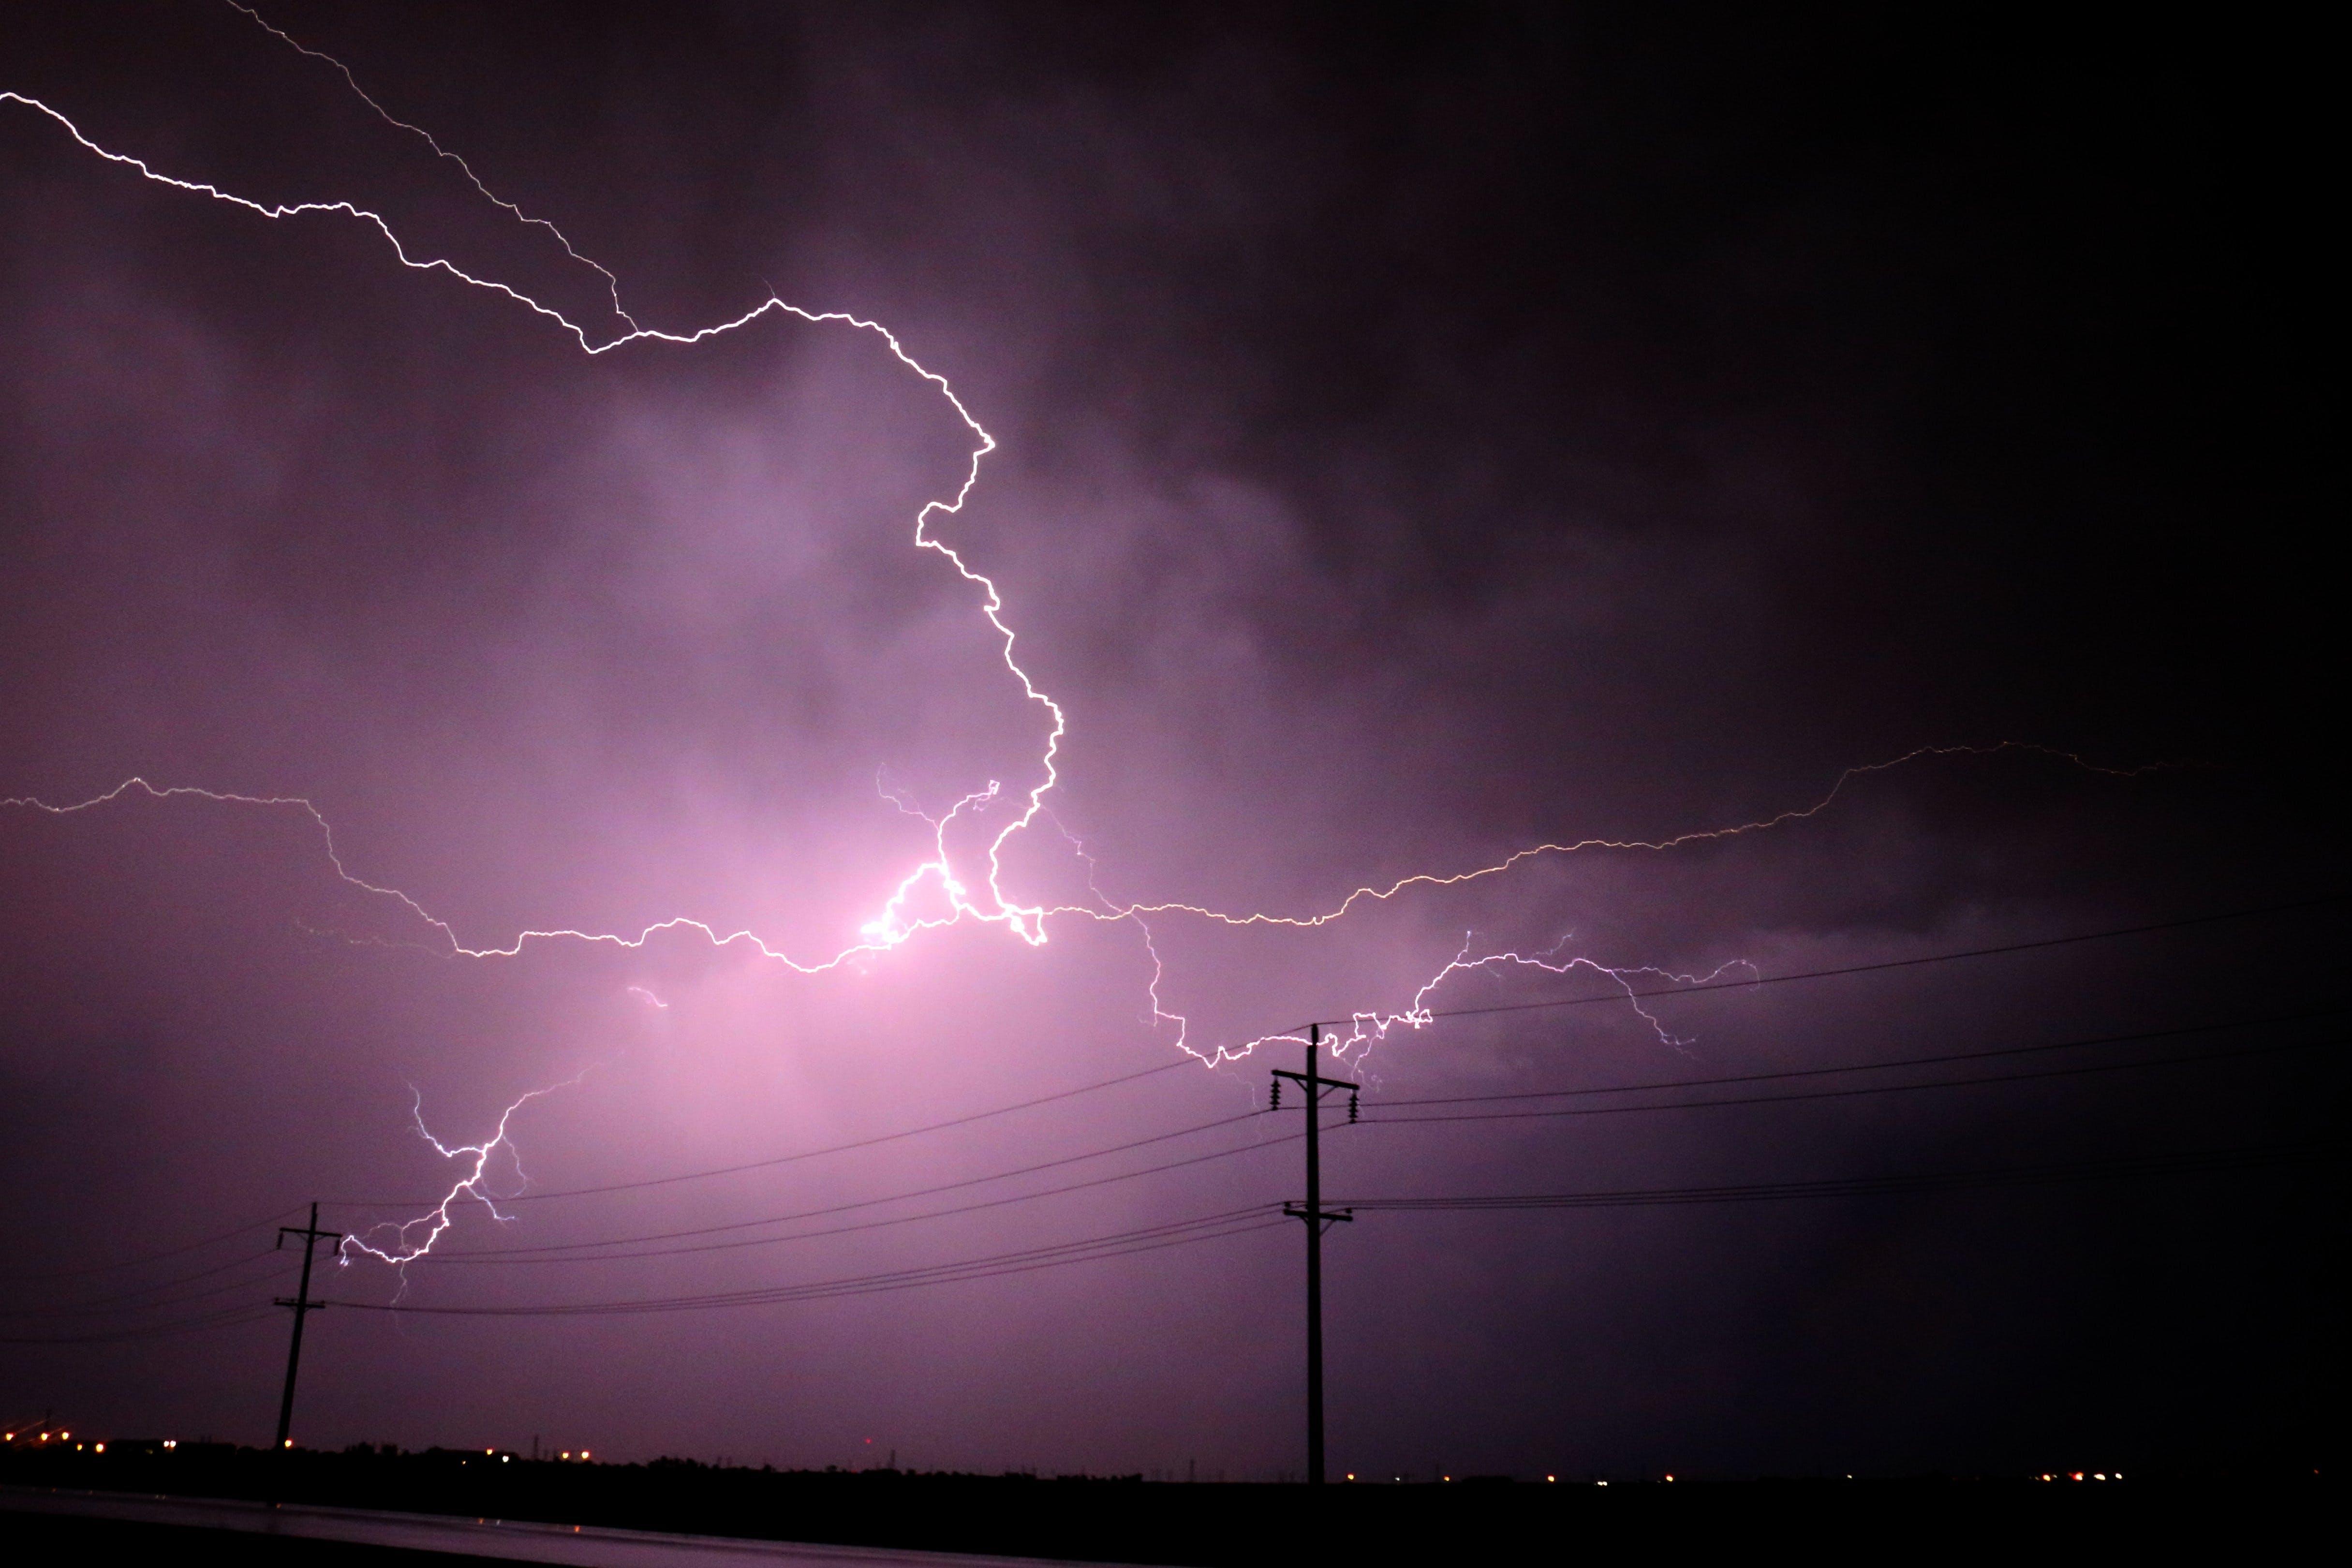 Lightning Strike during Nighttime